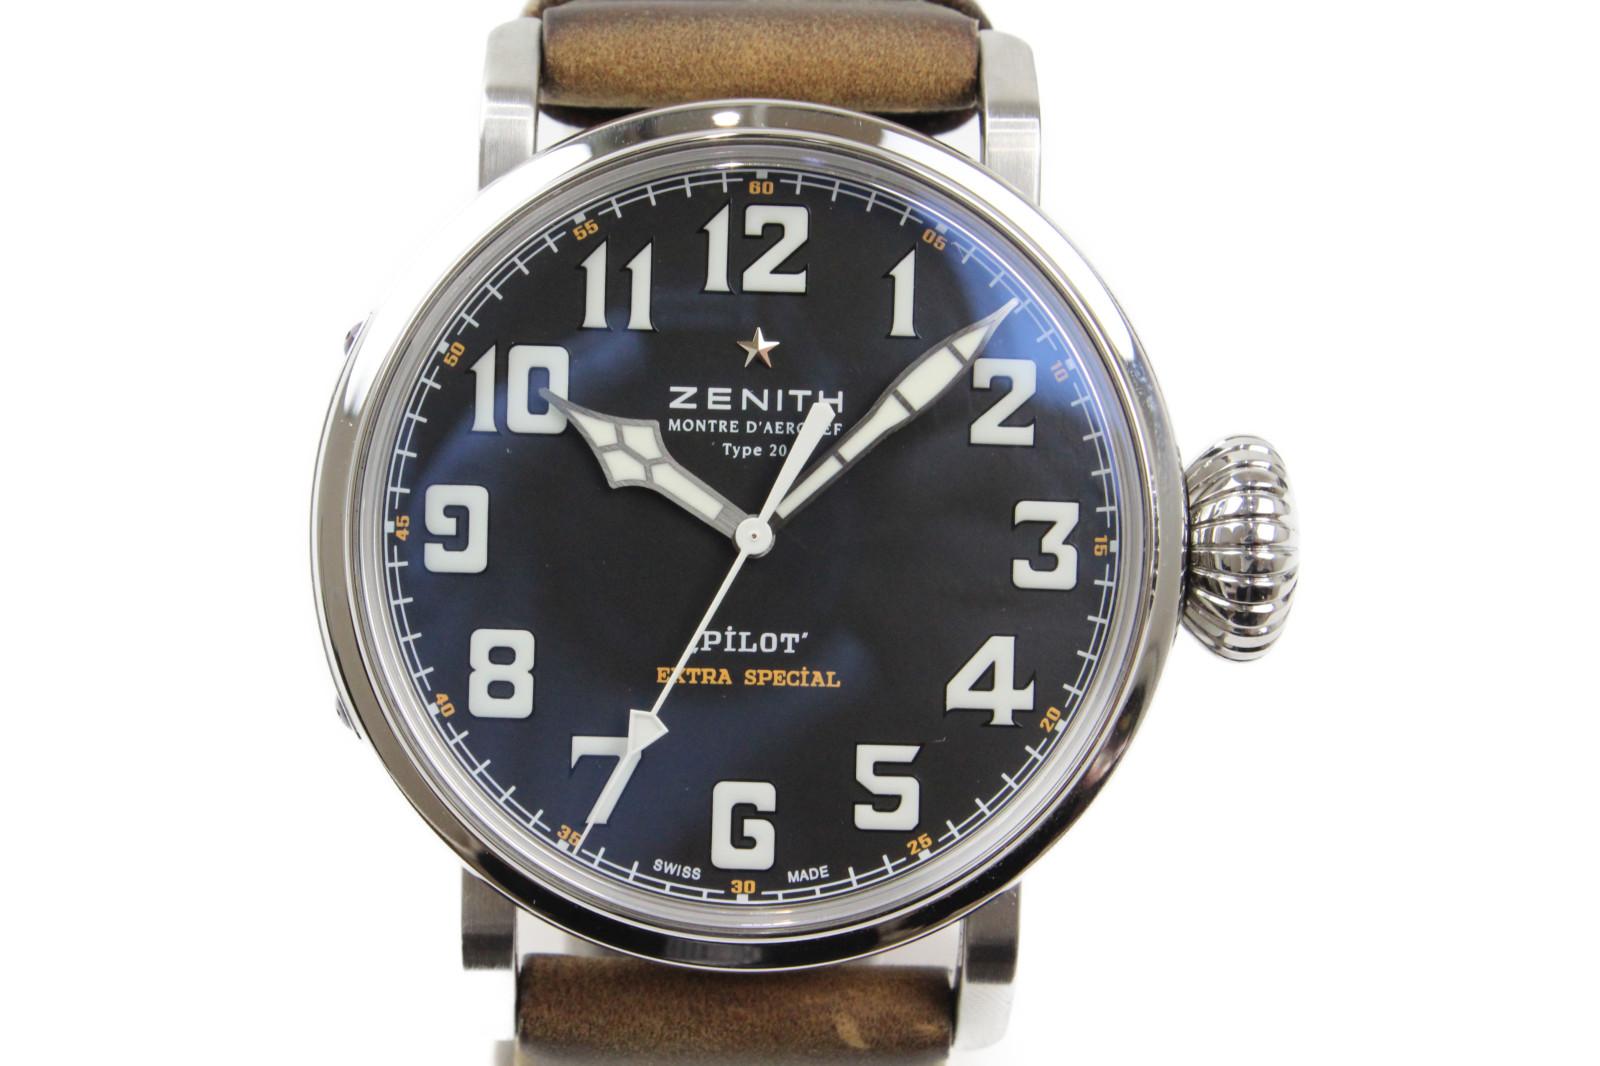 【ギャラ有】ZENITH ゼニス パイロット アエロネフ タイプ20 エクストラ スペシャル 03.2430.3000/21.C738 自動巻き SS ステンレススチール 革ベルト ブラック メンズ 腕時計【中古】